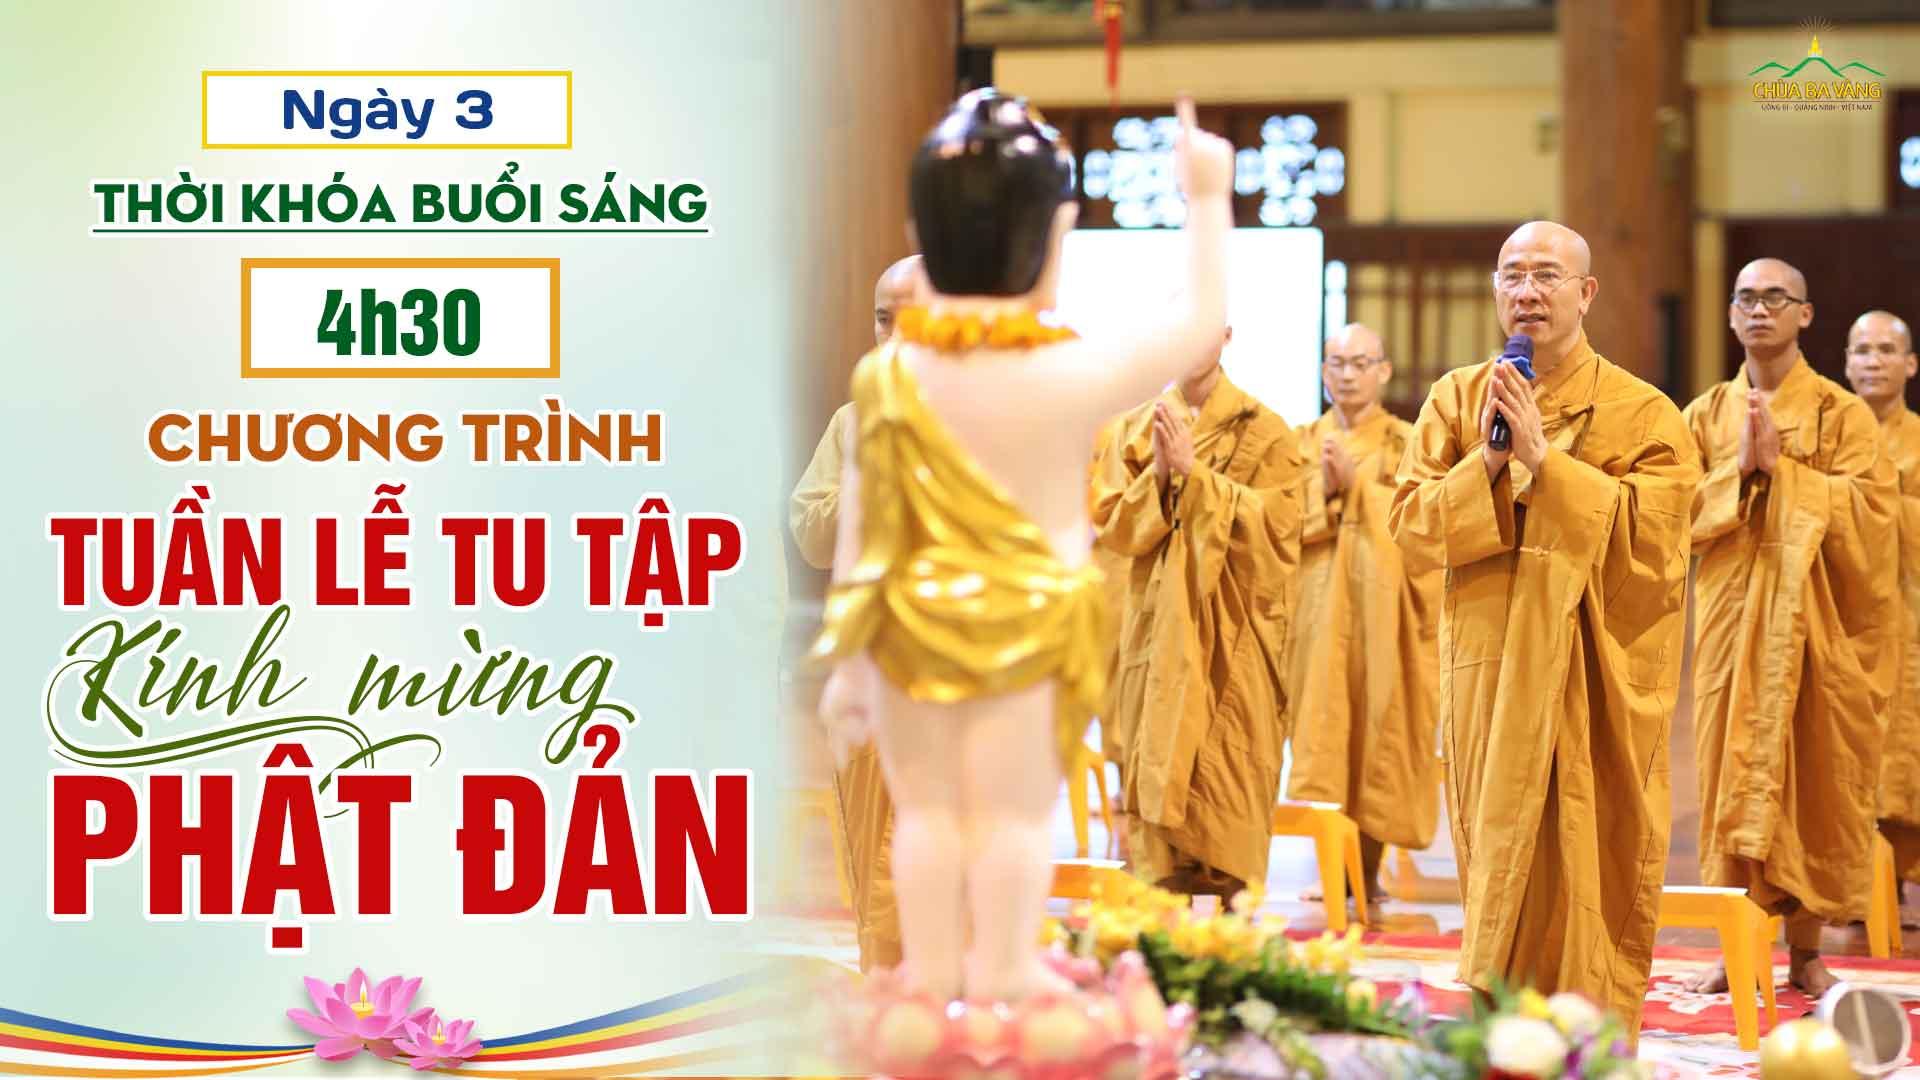 [Thời khóa sáng] Chương trình Tuần lễ tu tập kính mừng Phật Đản